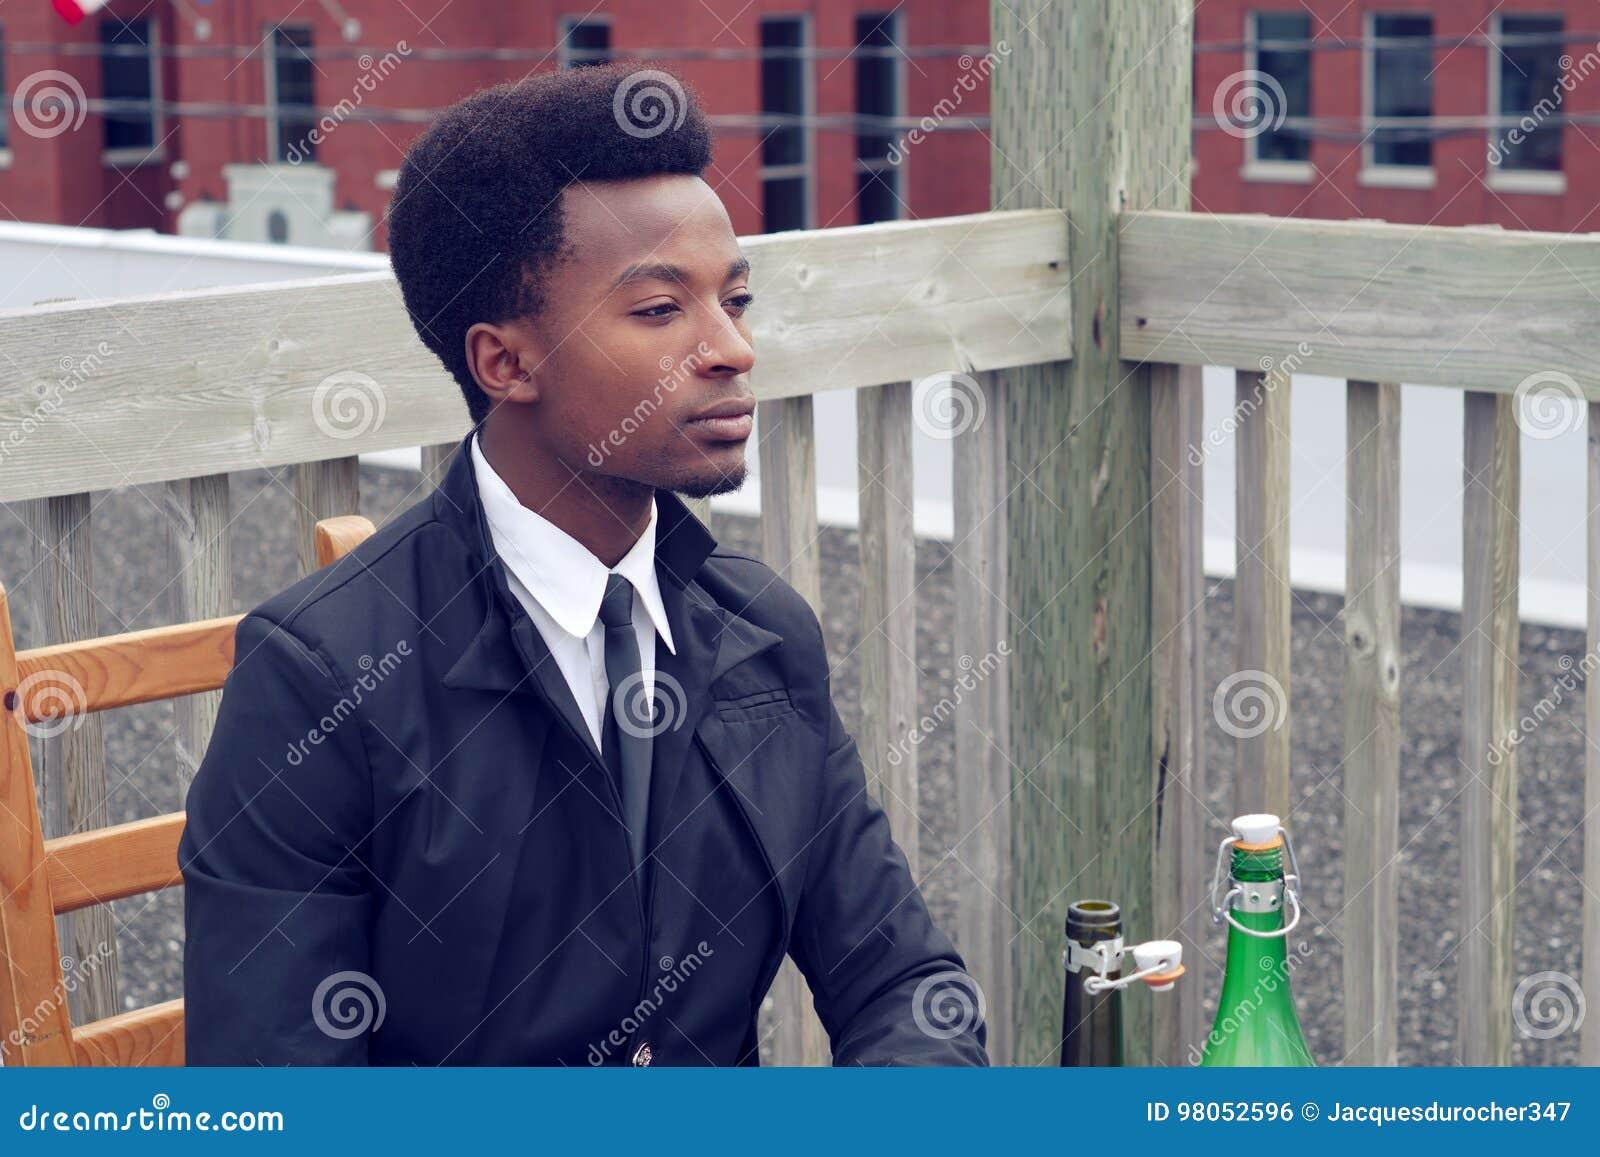 Junger Mann, der das gebohrte Restaurant datiert alleinweinflasche wartet und trinkt.